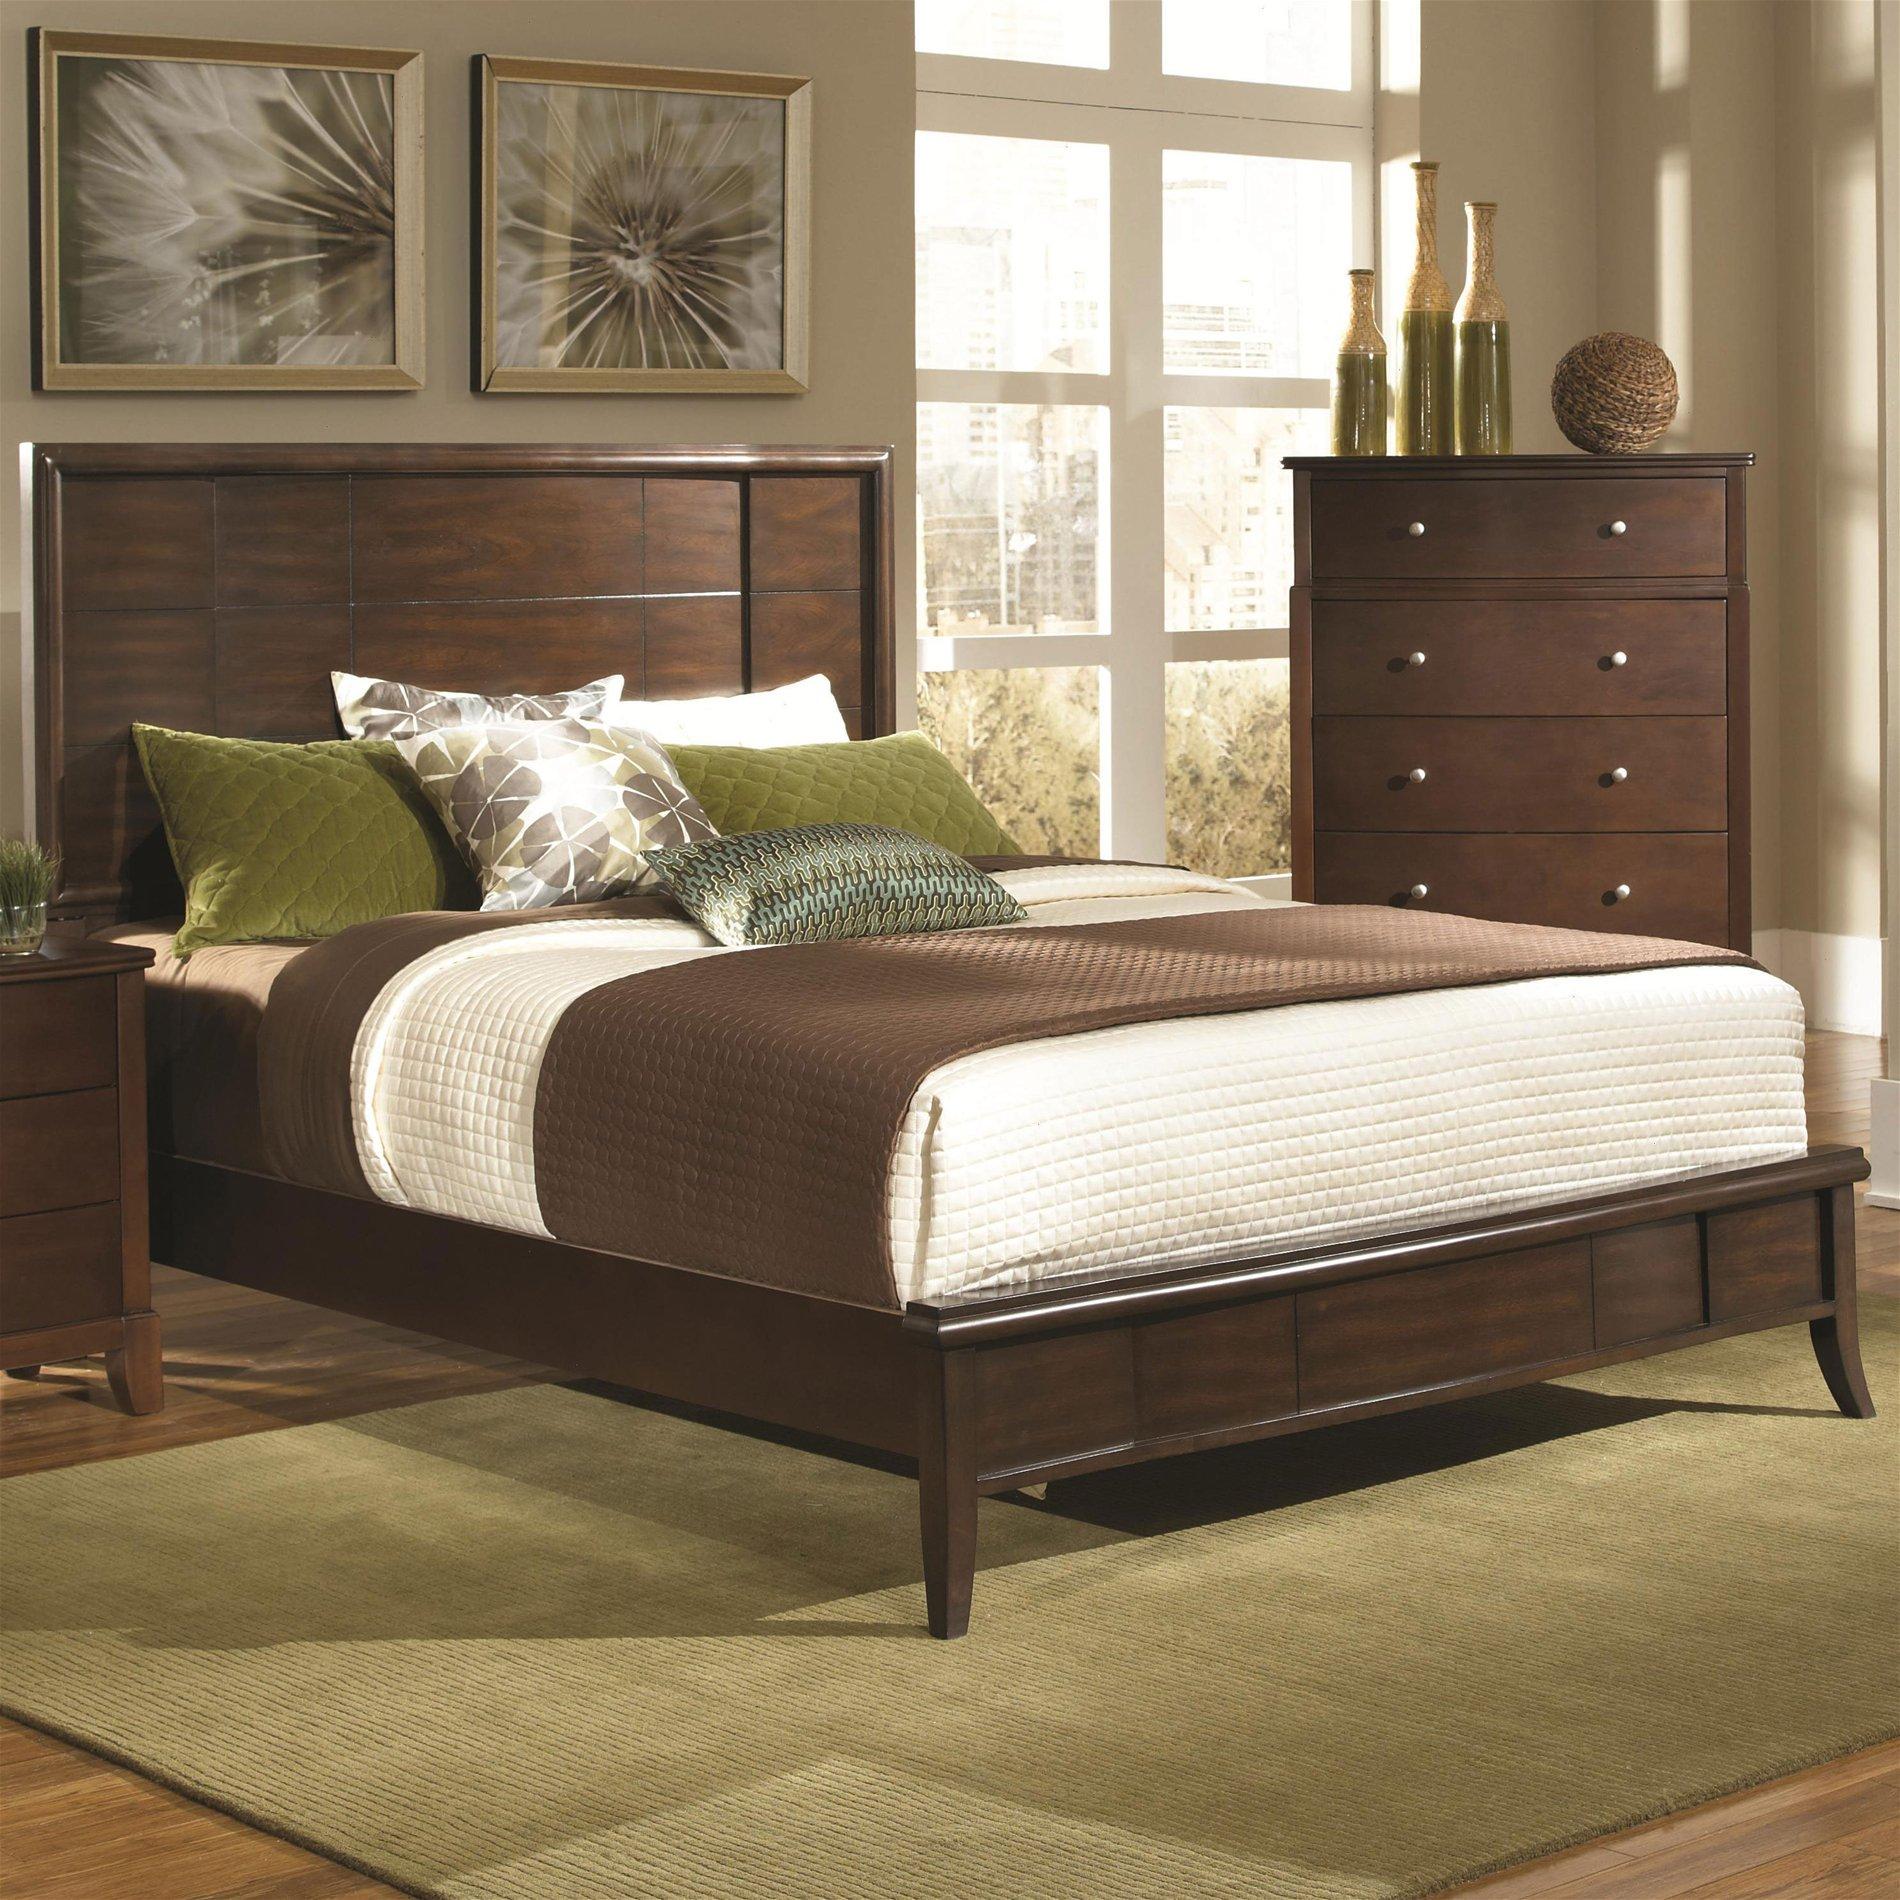 coaster home 202451ke addley king low profile bed with panel headboard coah 202451ke. Black Bedroom Furniture Sets. Home Design Ideas